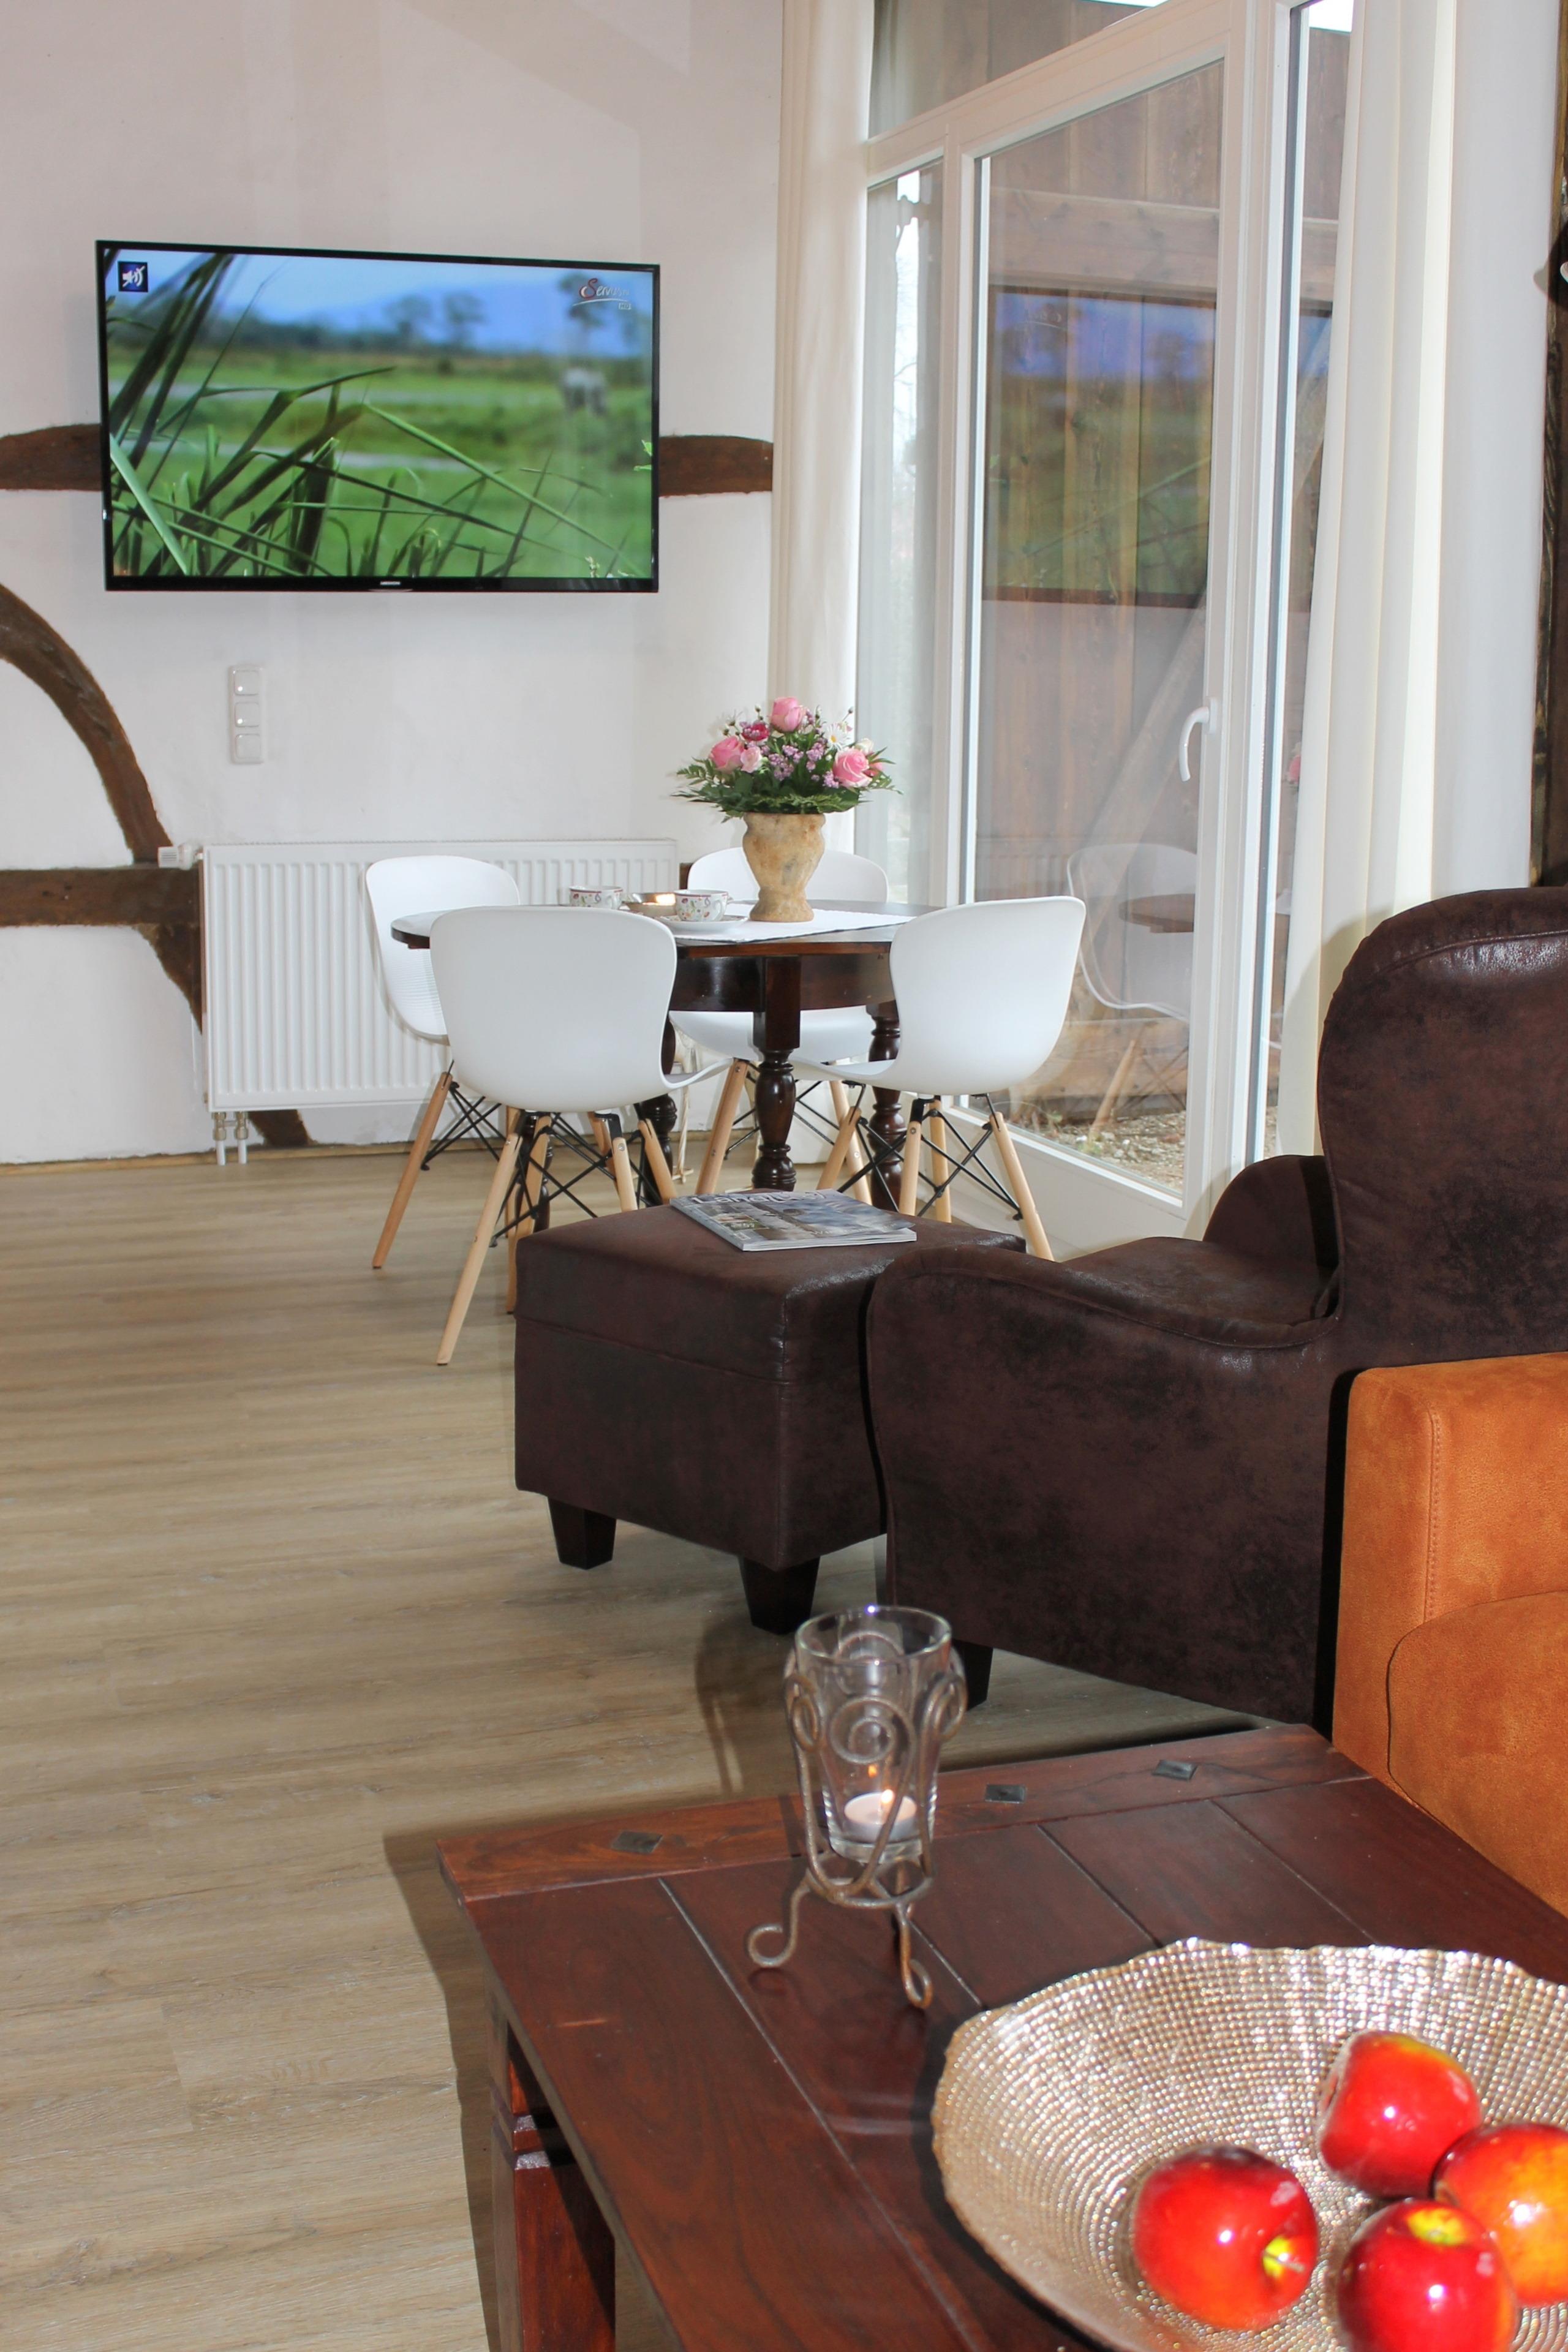 ferienhaus riepsdorf 4 personen deutschland schleswig holstein 149304. Black Bedroom Furniture Sets. Home Design Ideas